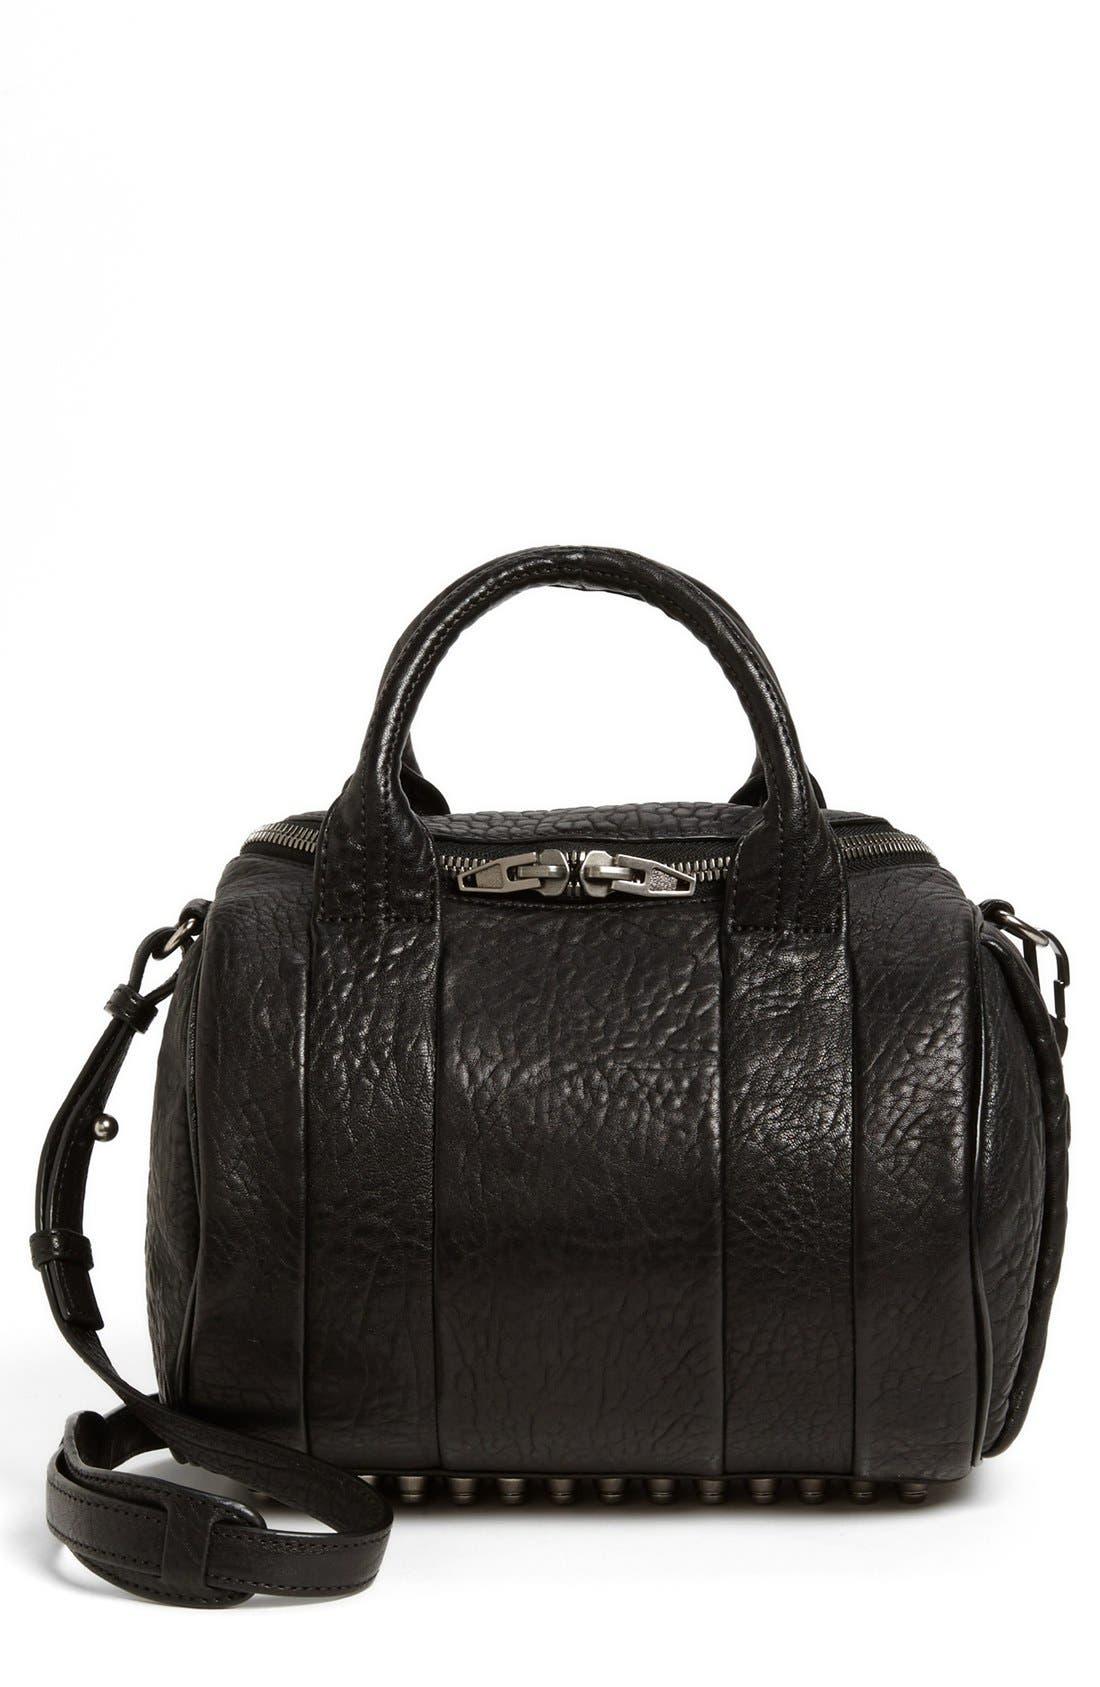 Alternate Image 1 Selected - Alexander Wang 'Rockie - Black Nickel' Leather Crossbody Satchel